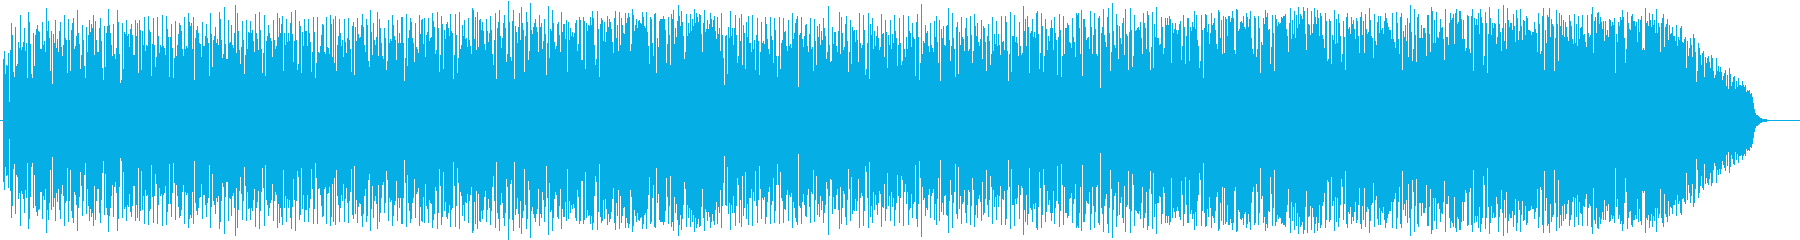 シリアスな雰囲気のハードロックの再生済みの波形